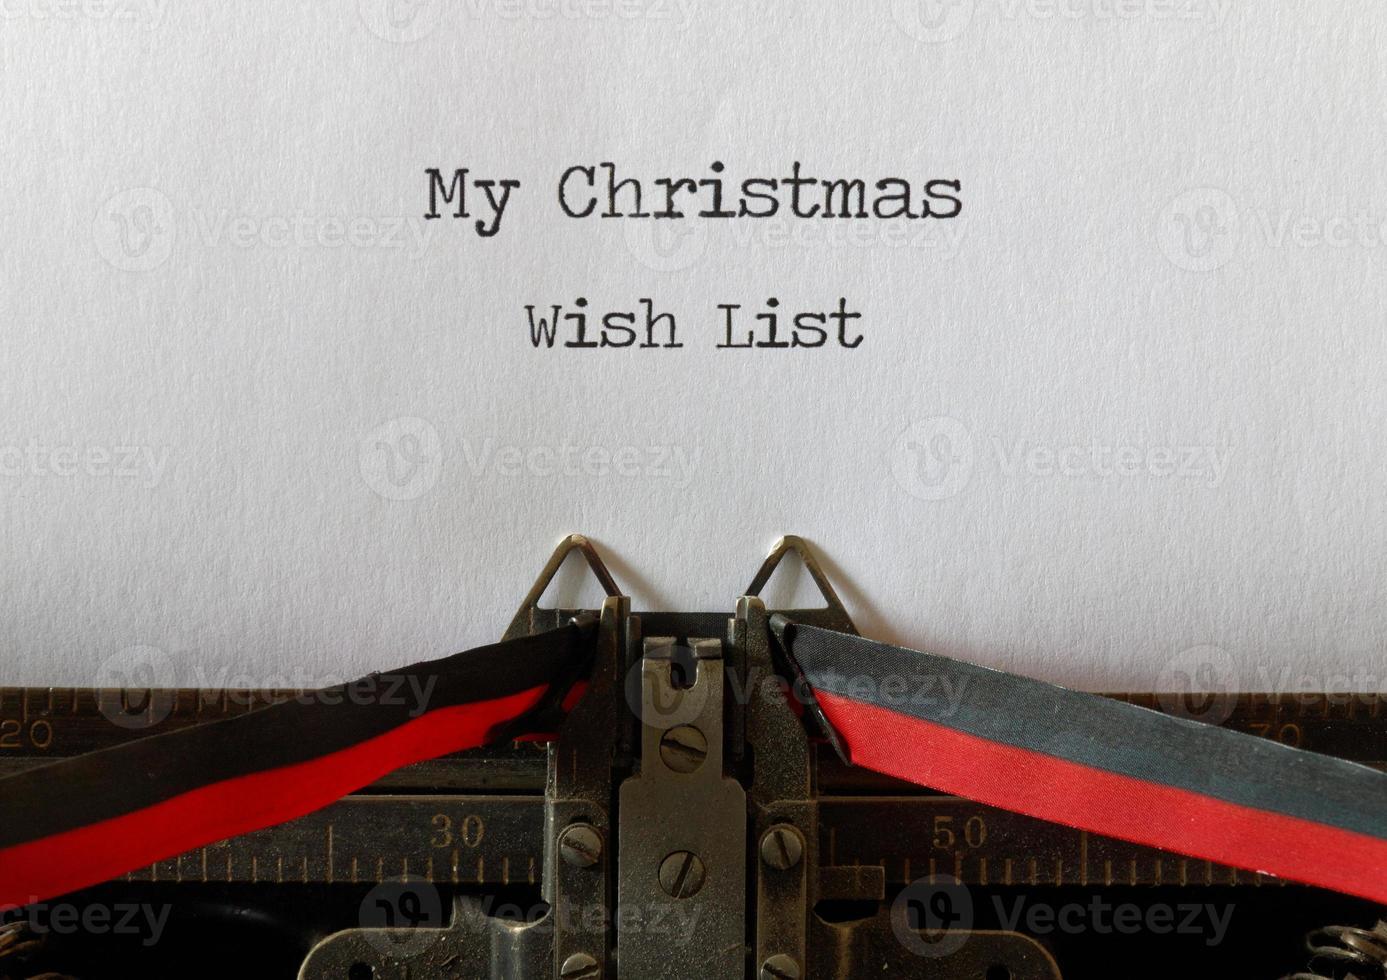 ma liste de souhaits de Noël, à l'ancienne photo